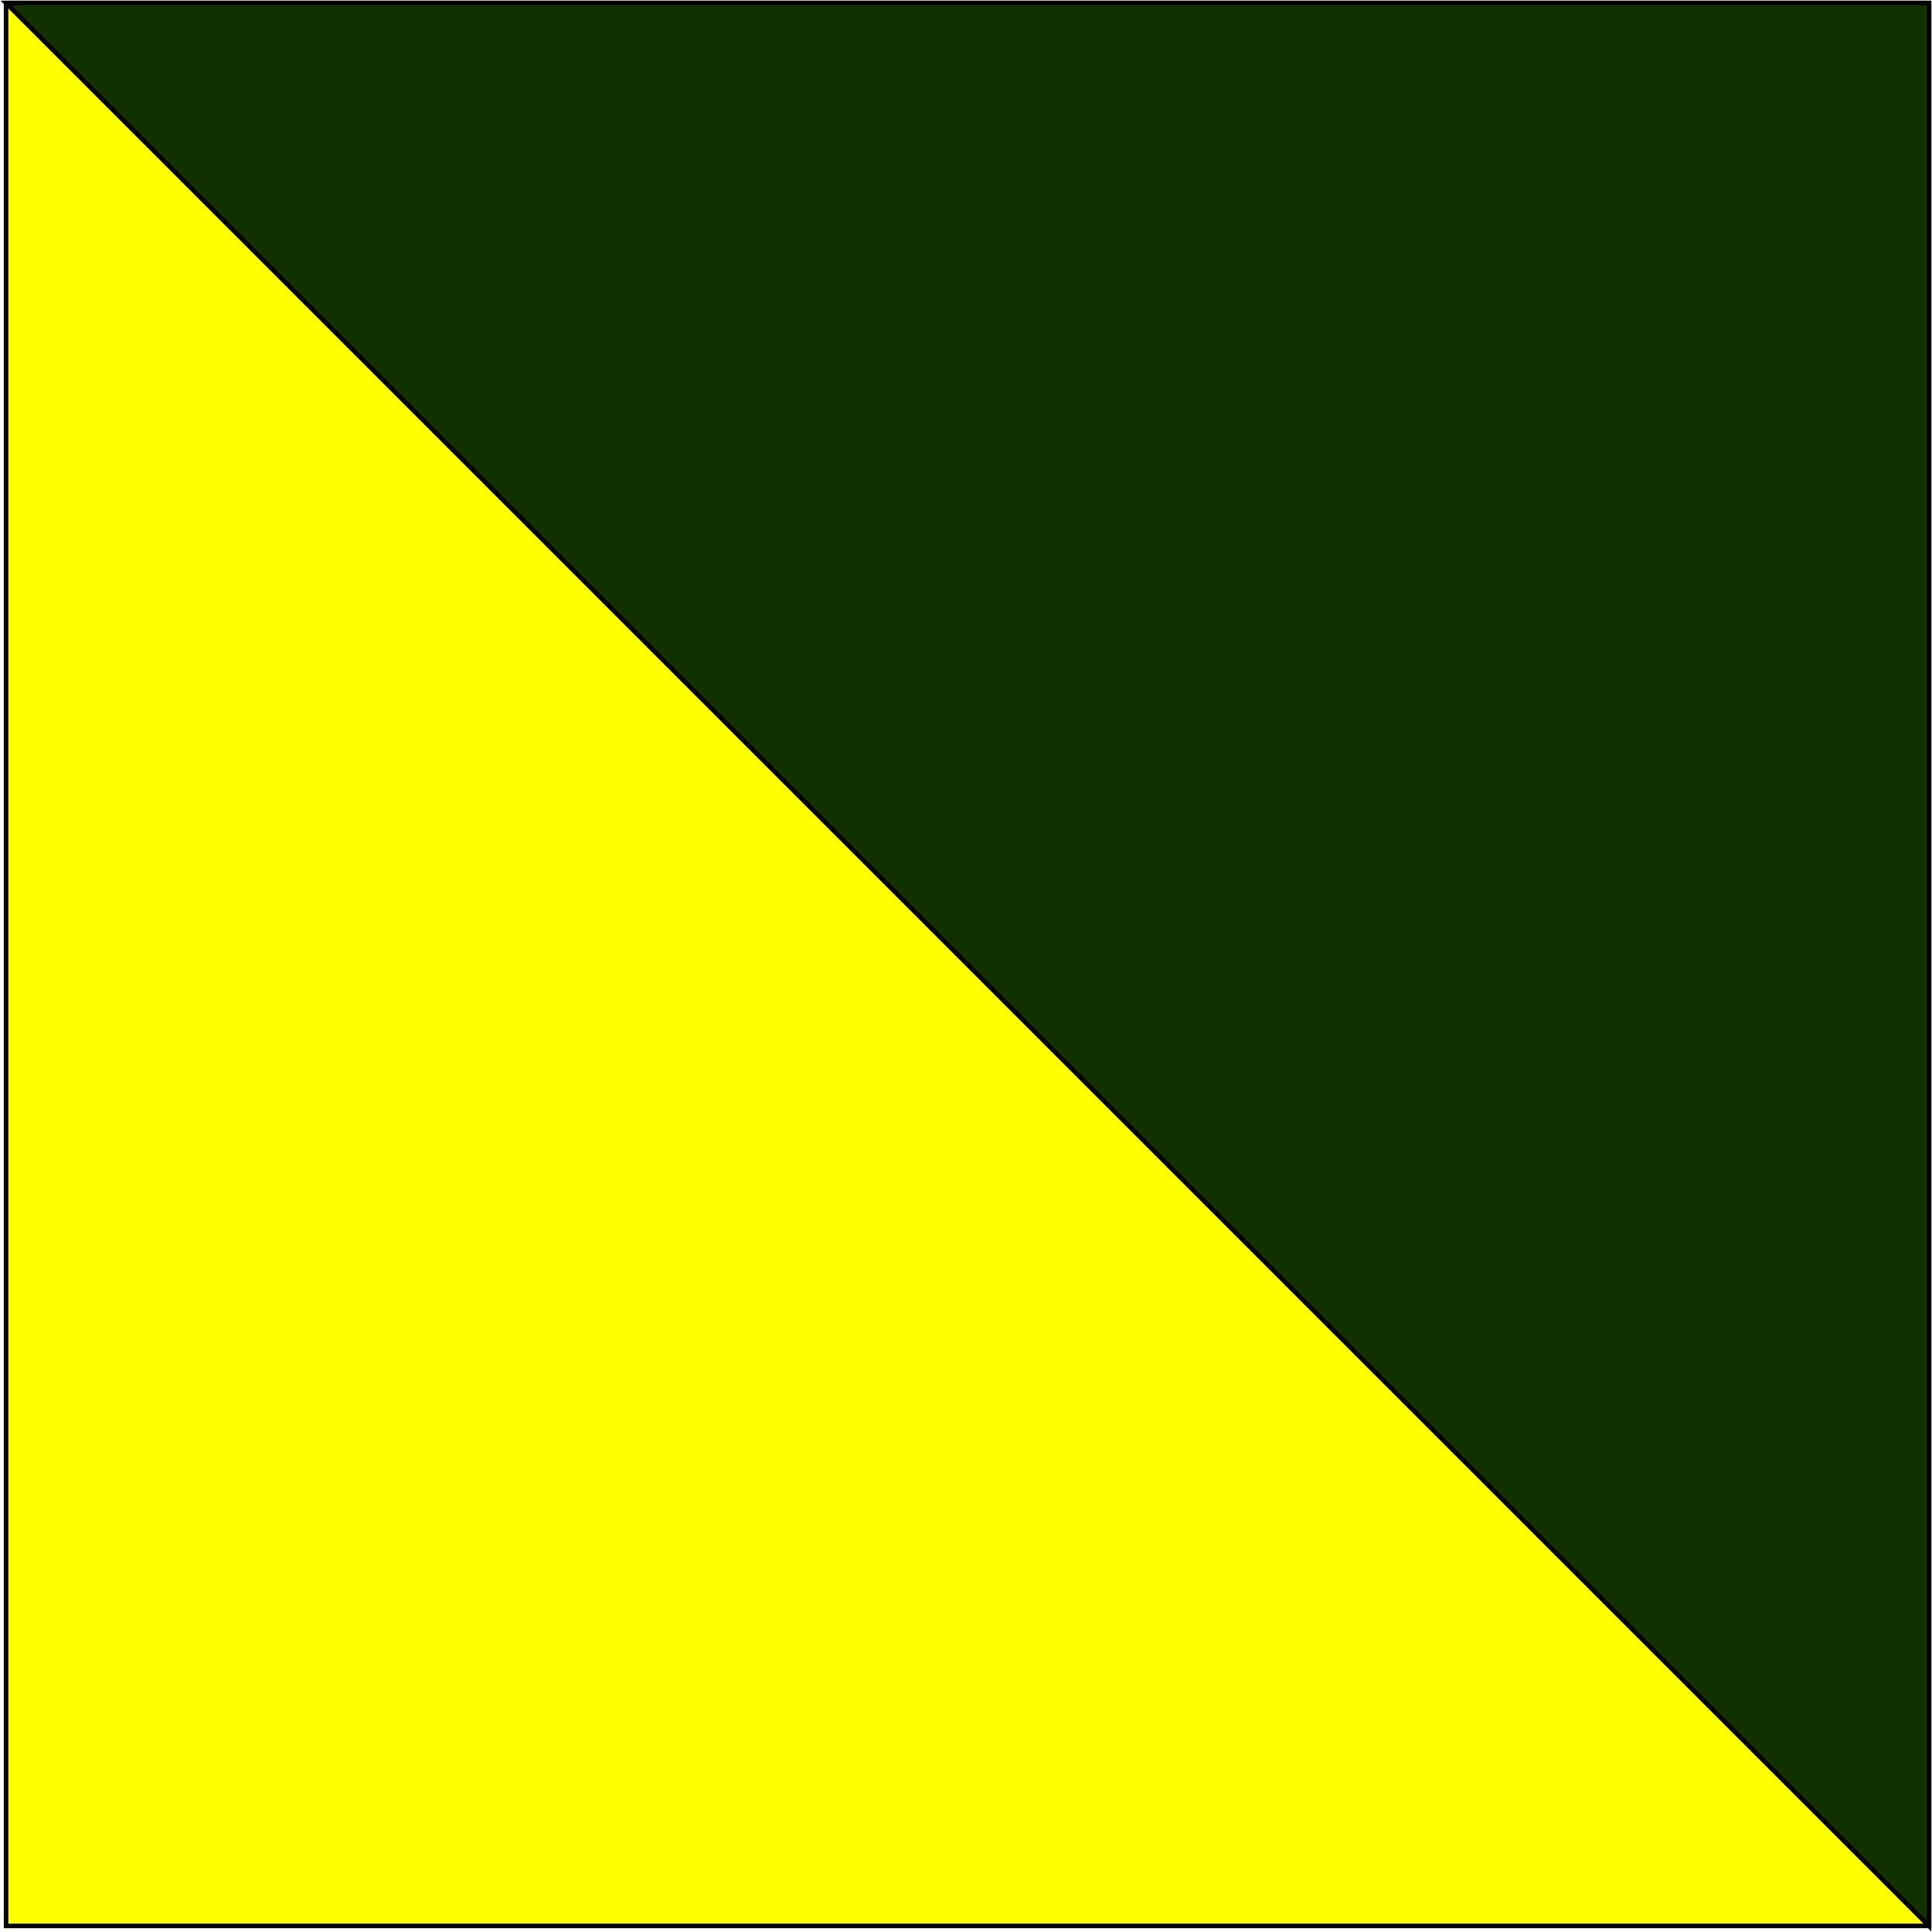 żółty/zielony